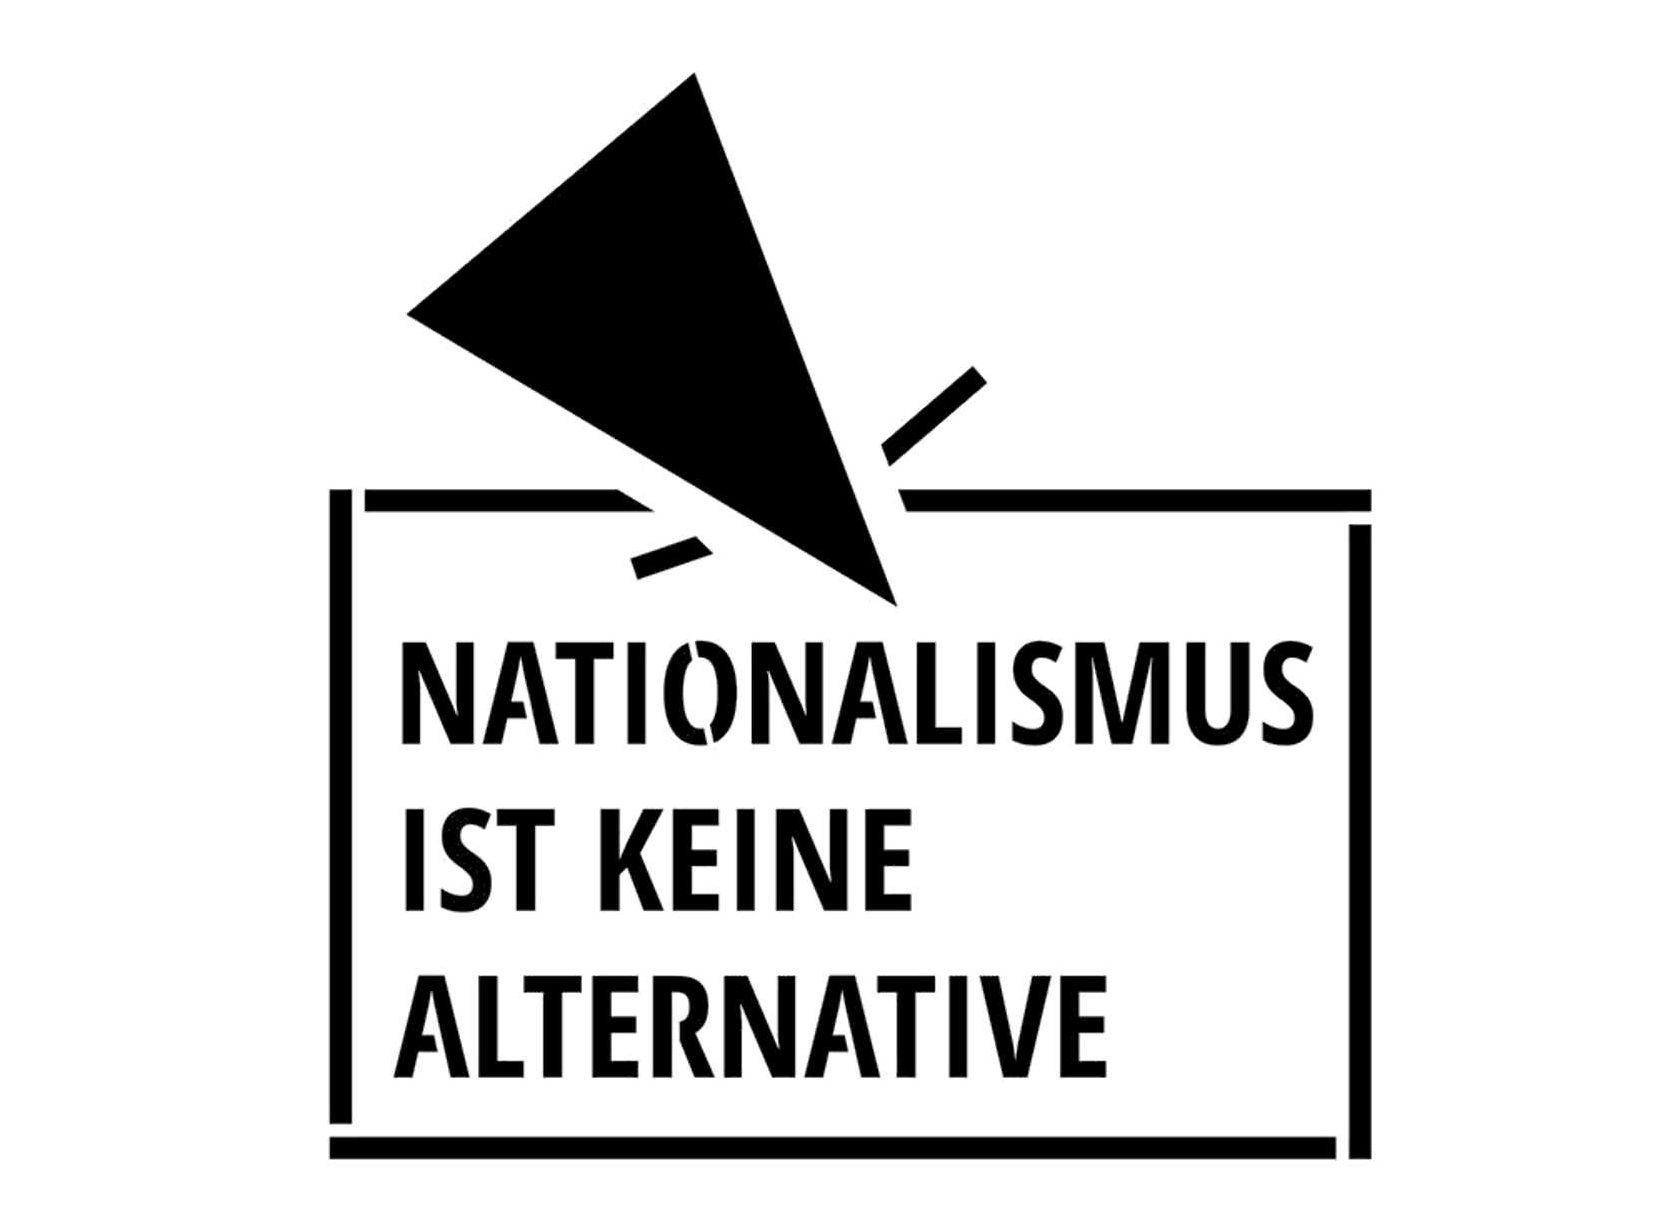 nationalismus ist keine alternative stencil